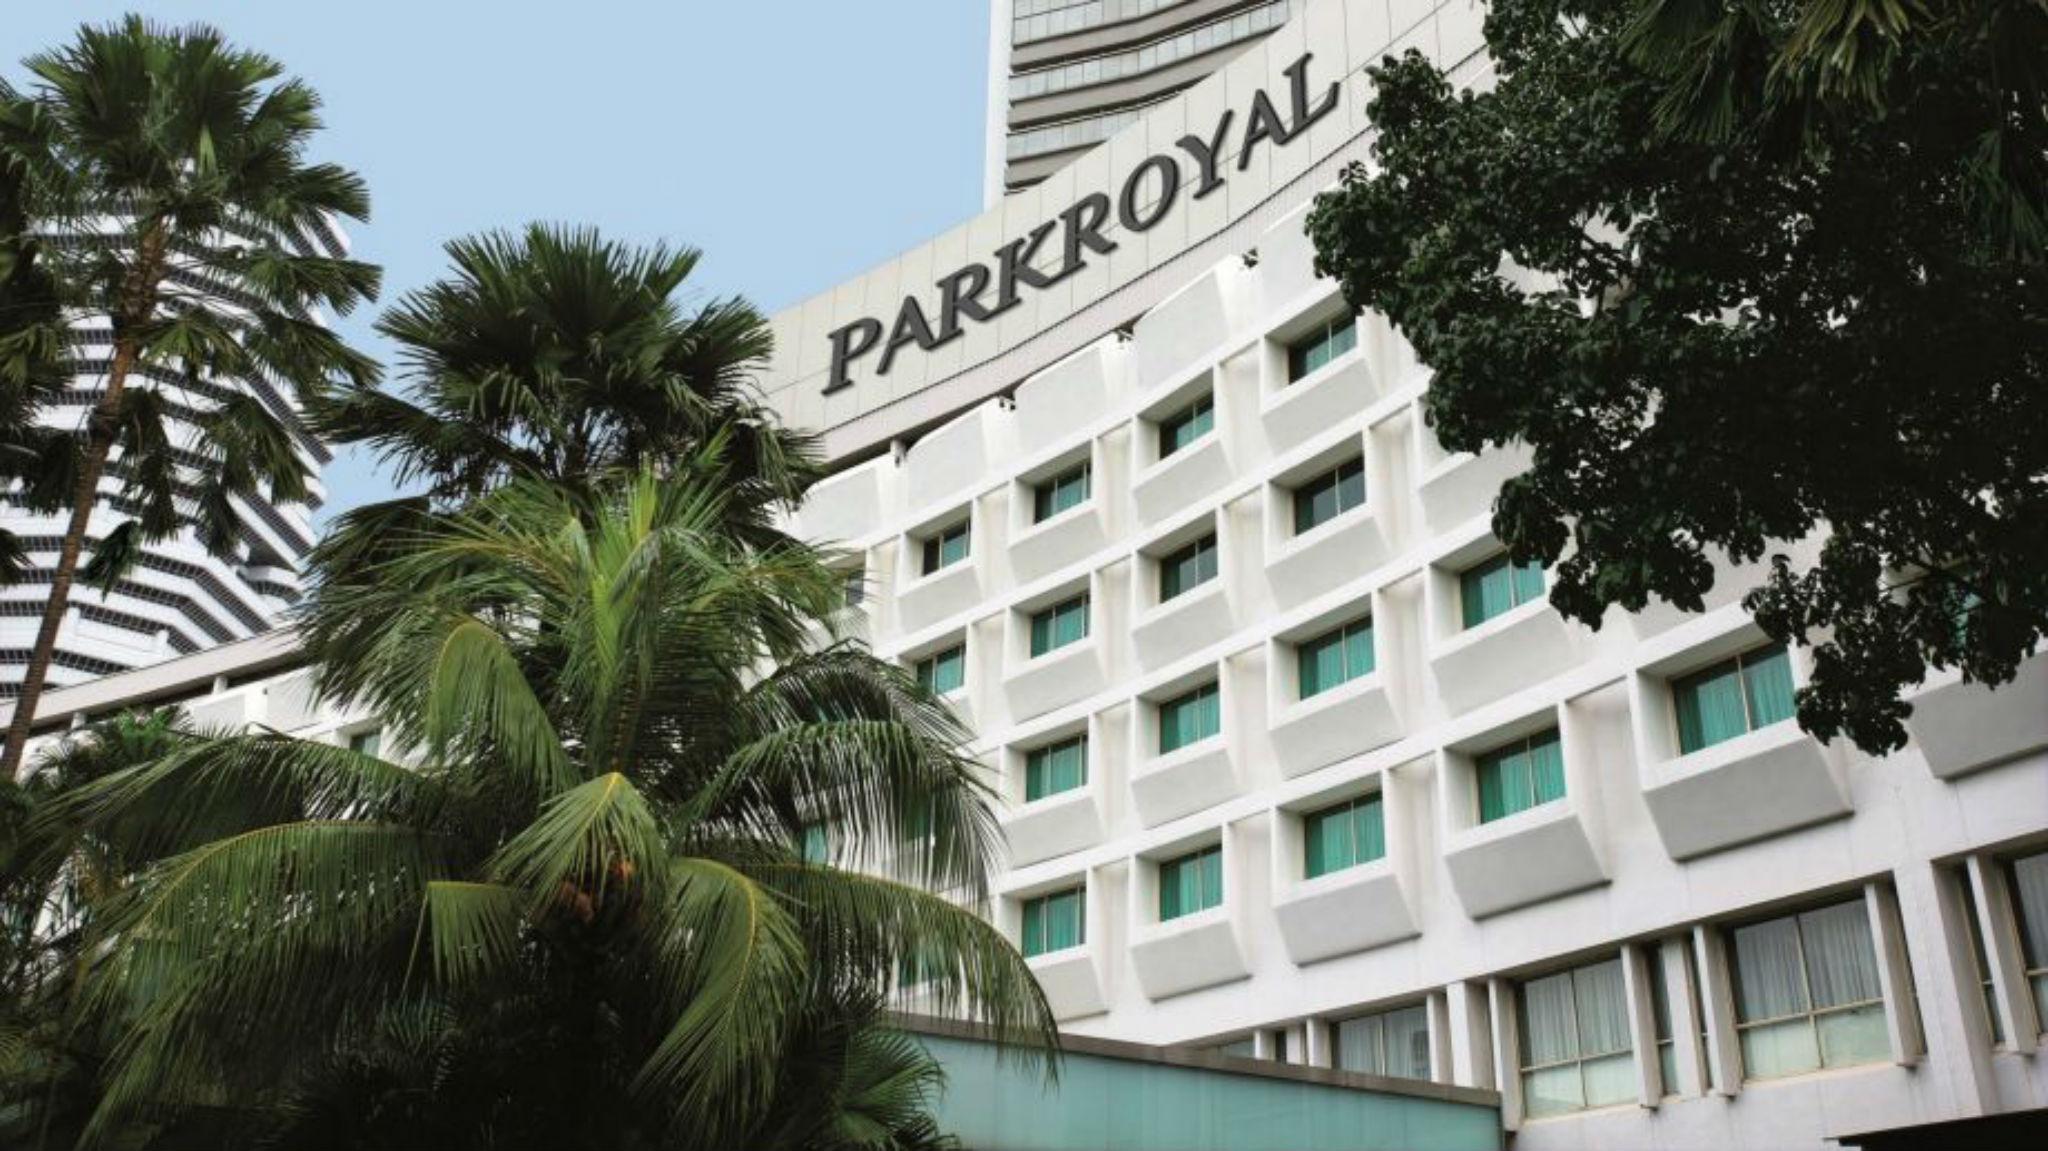 Parkroyal Serviced Suites, Rochor